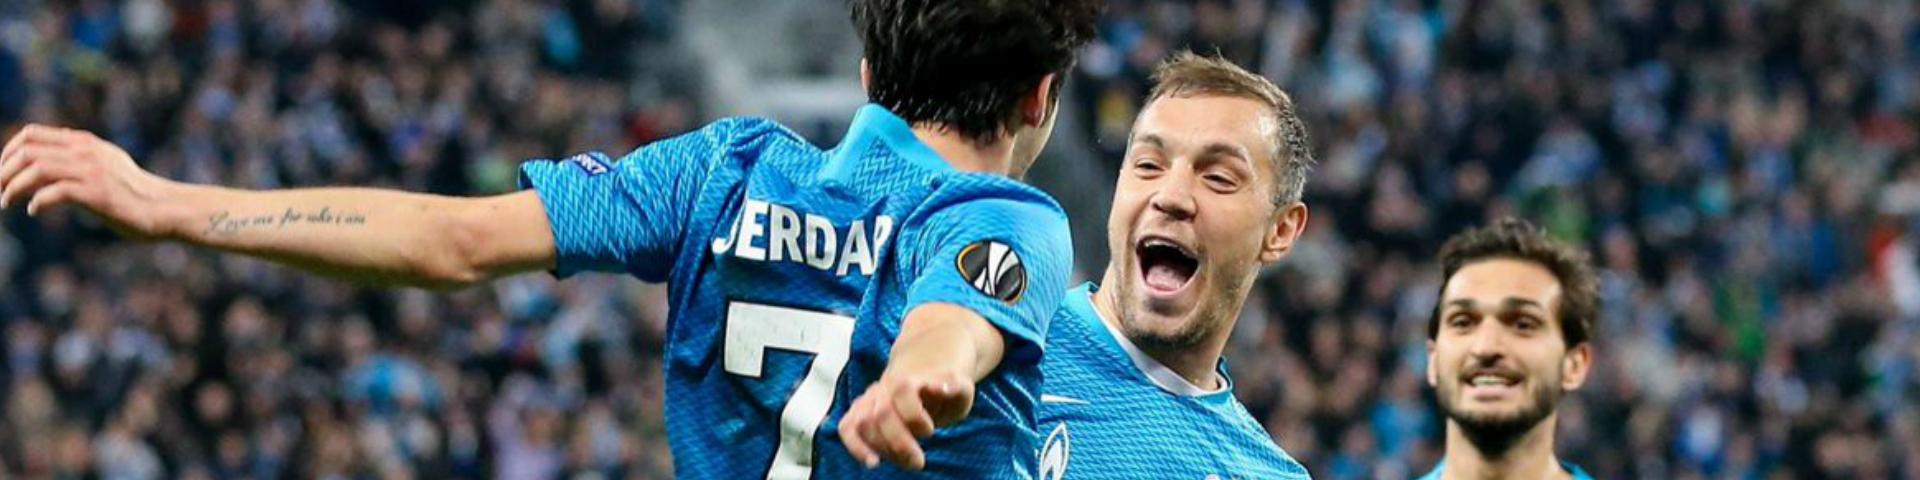 БК «Зенит»: Зенит выиграет чемпионат России по футболу